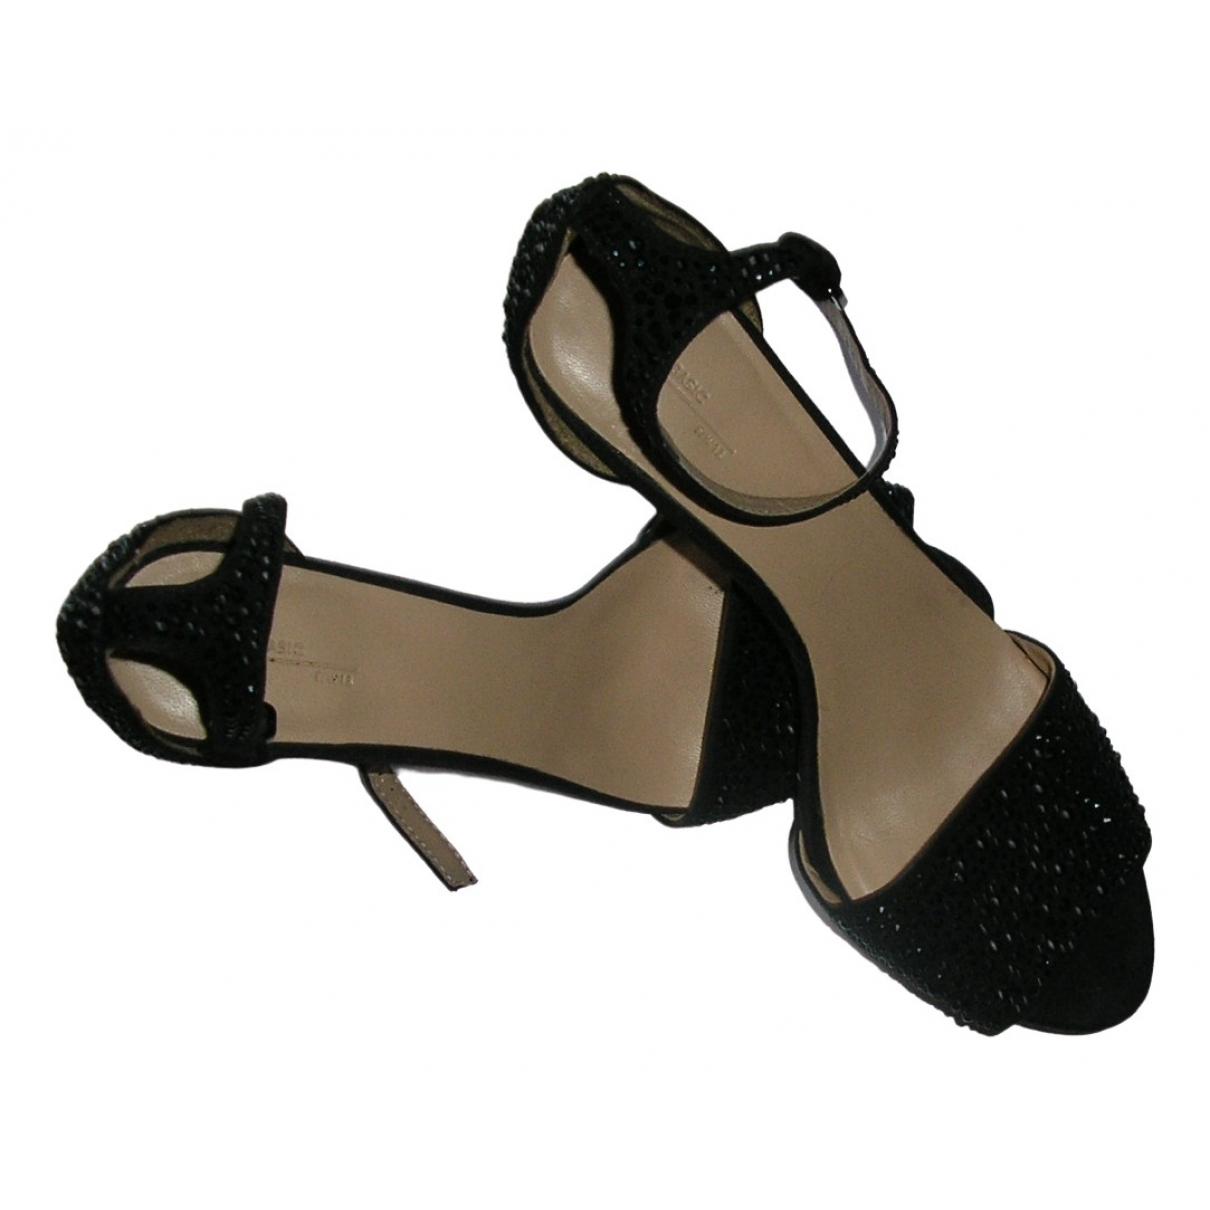 Zara - Sandales   pour femme en a paillettes - noir